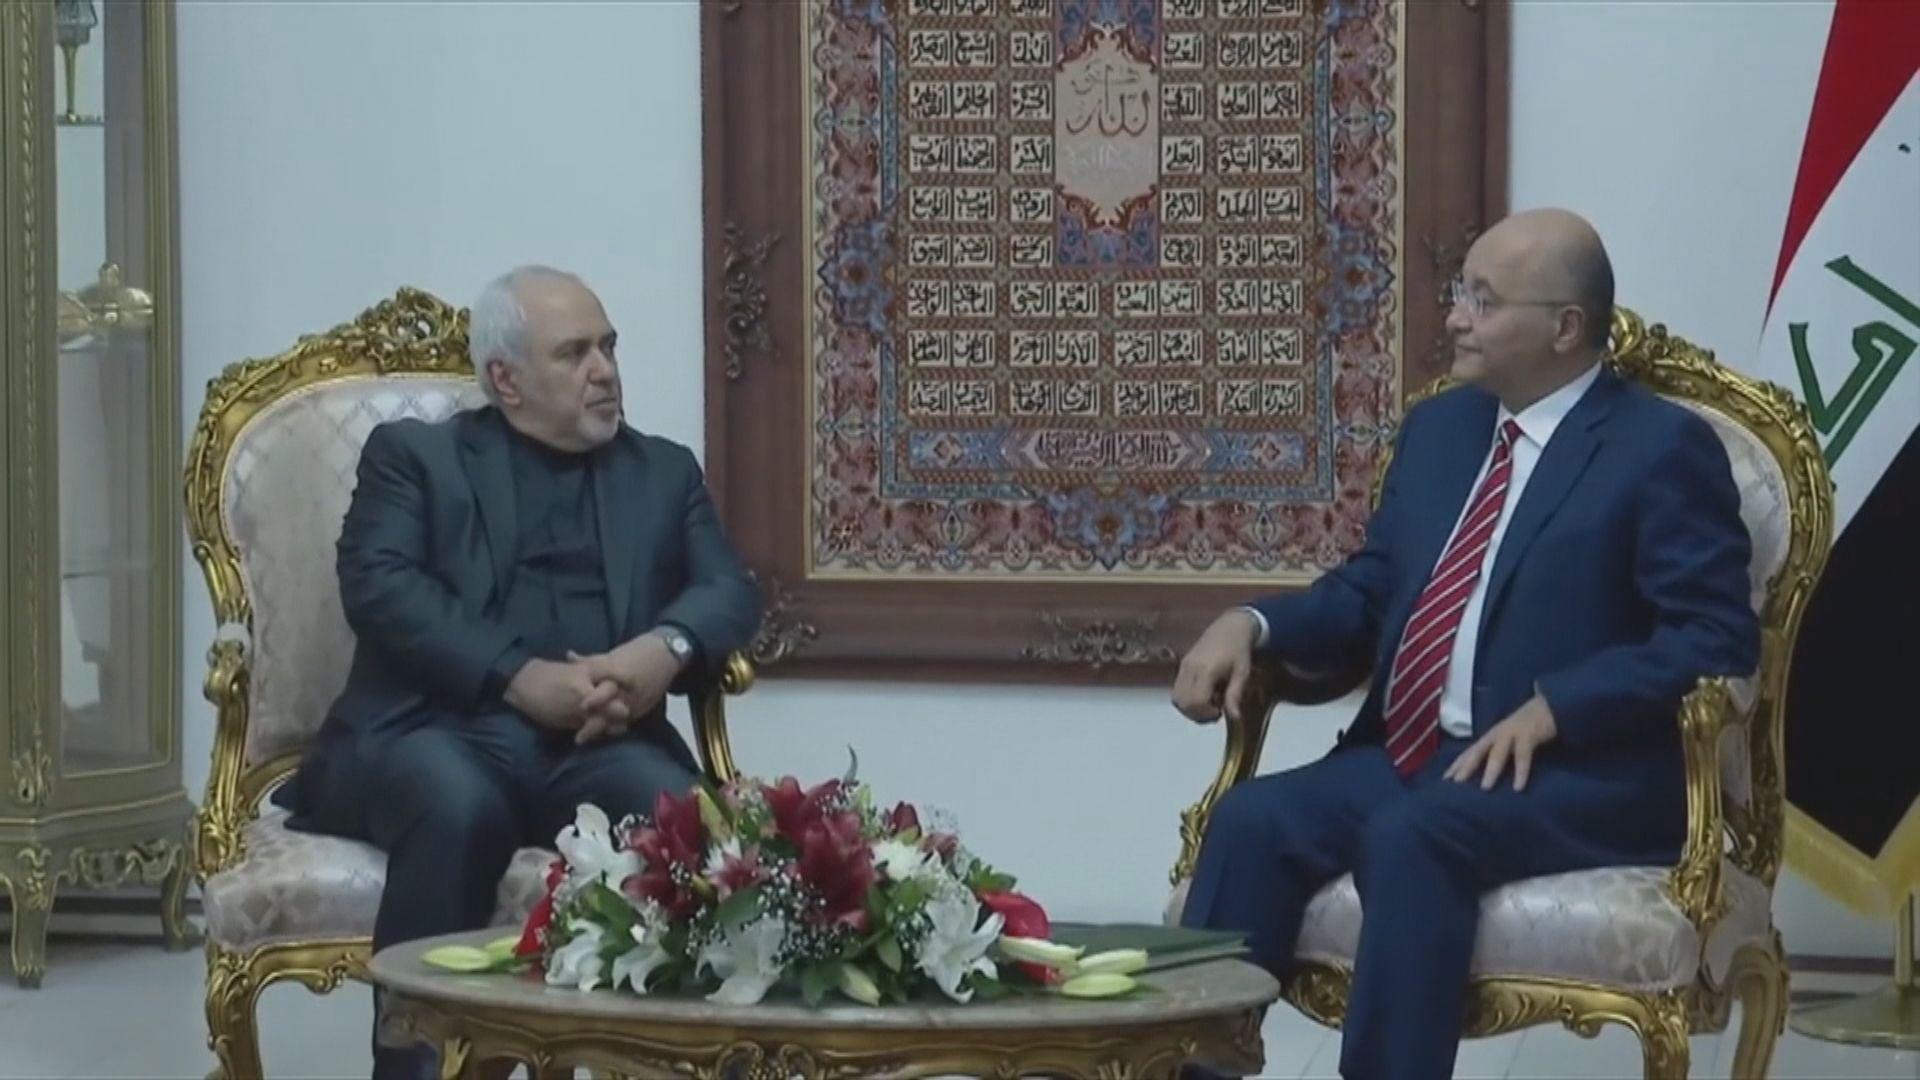 伊朗外長扎里夫突到訪伊拉克